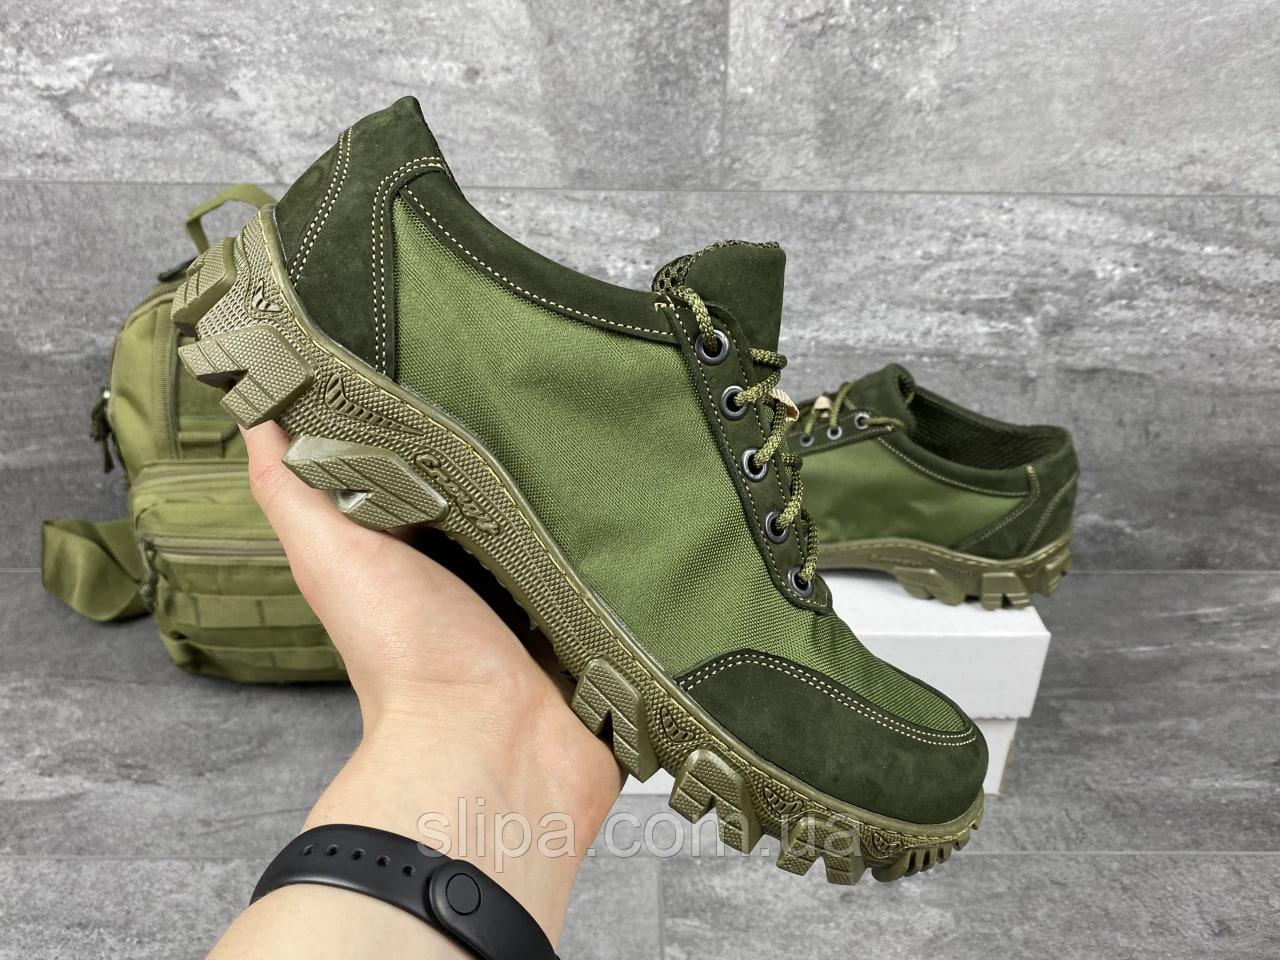 Тактические кроссовки Кайман олива | Украина | нейлон + полиуретан | прошиты